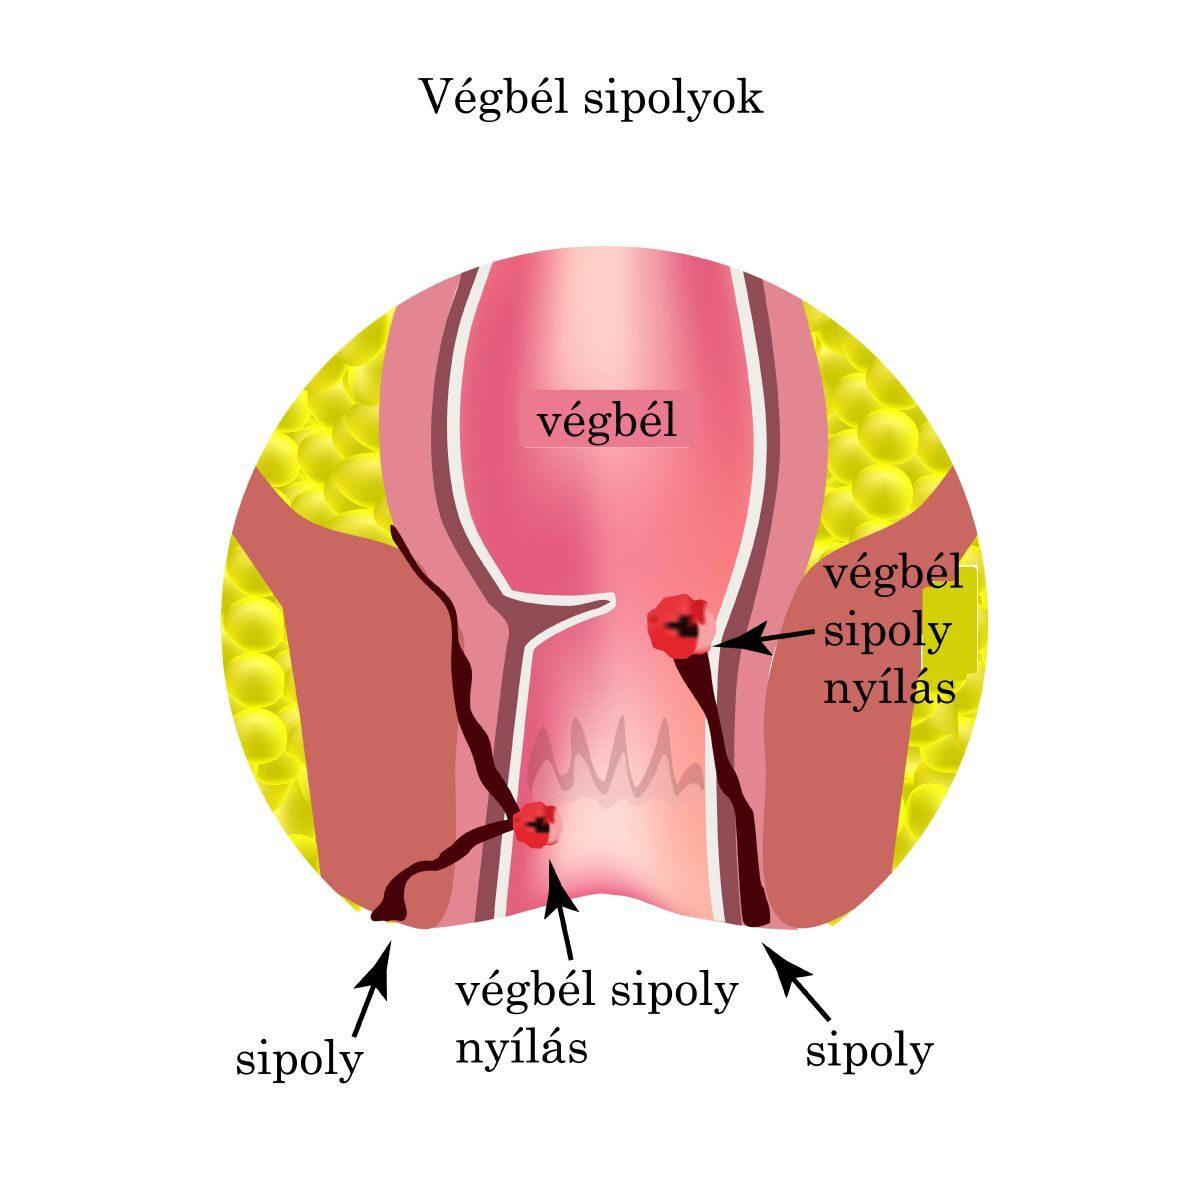 giardia katt symtom strongyloidosis geohelminth